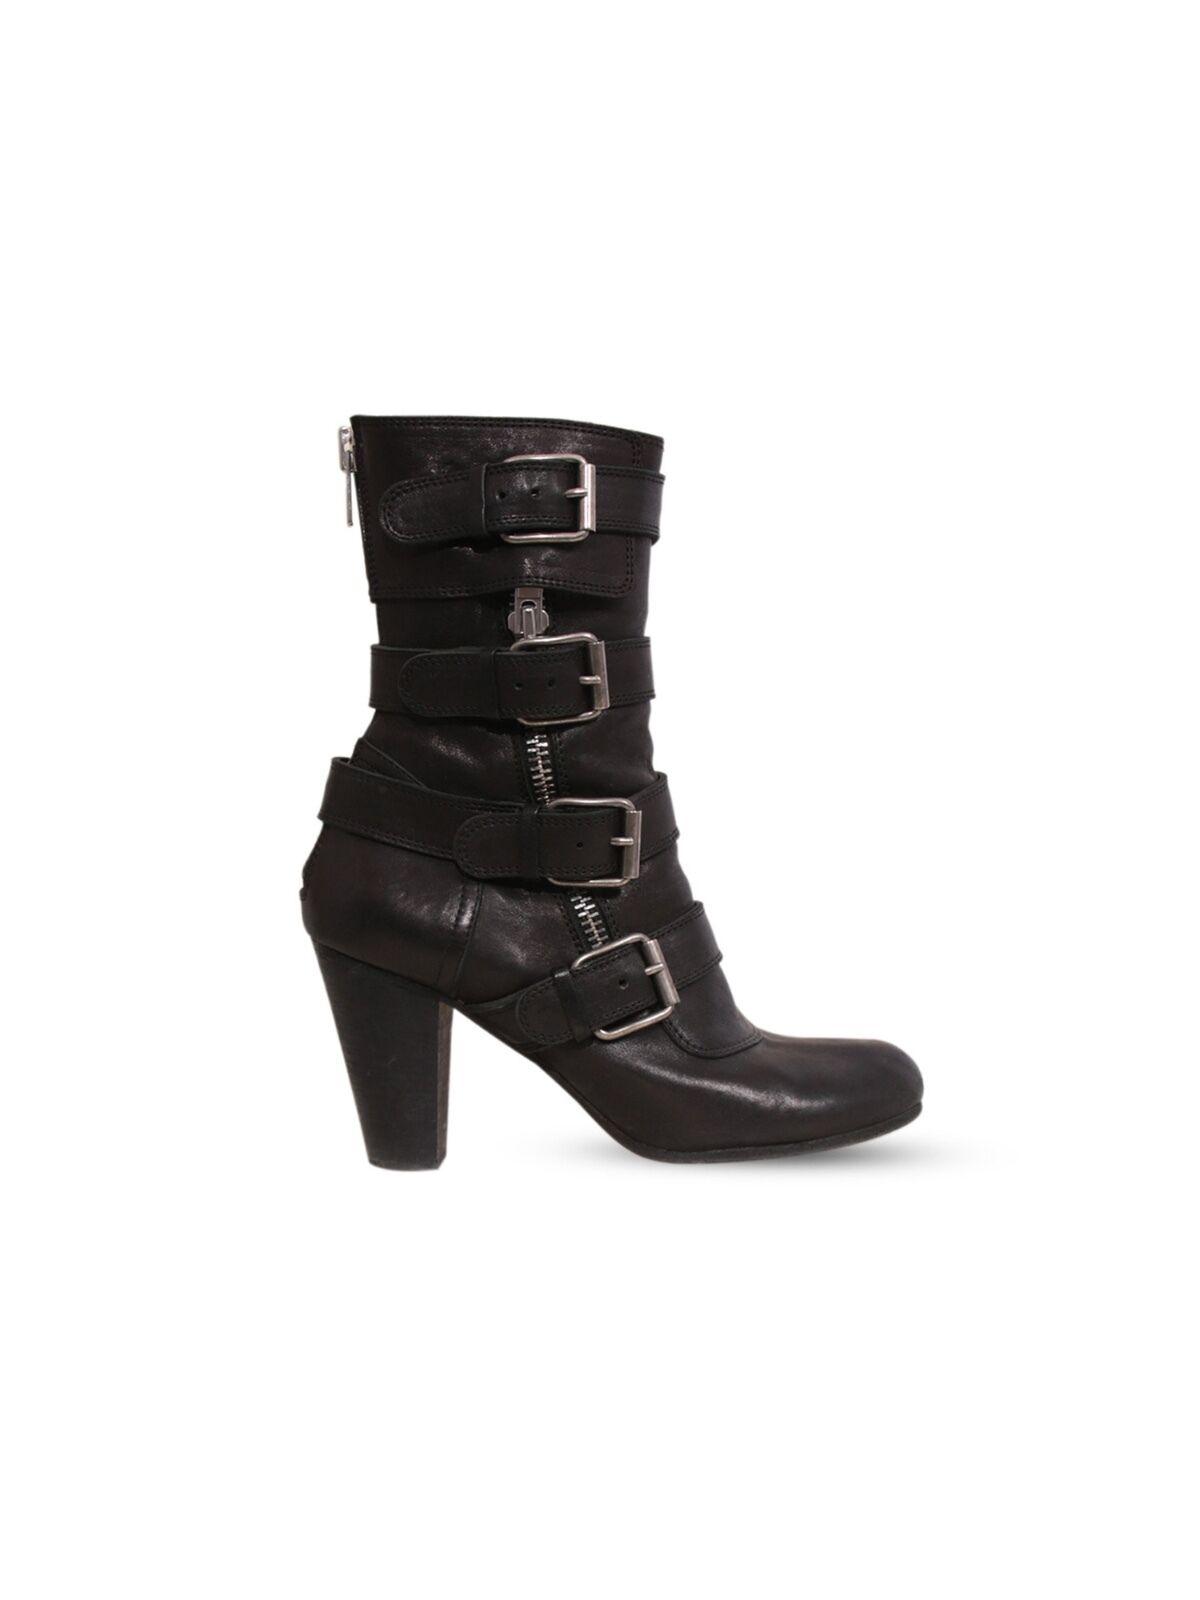 outlet online economico CHLOE Leather Leather Leather nero Buckle stivali (Dimensione 39)  articoli promozionali